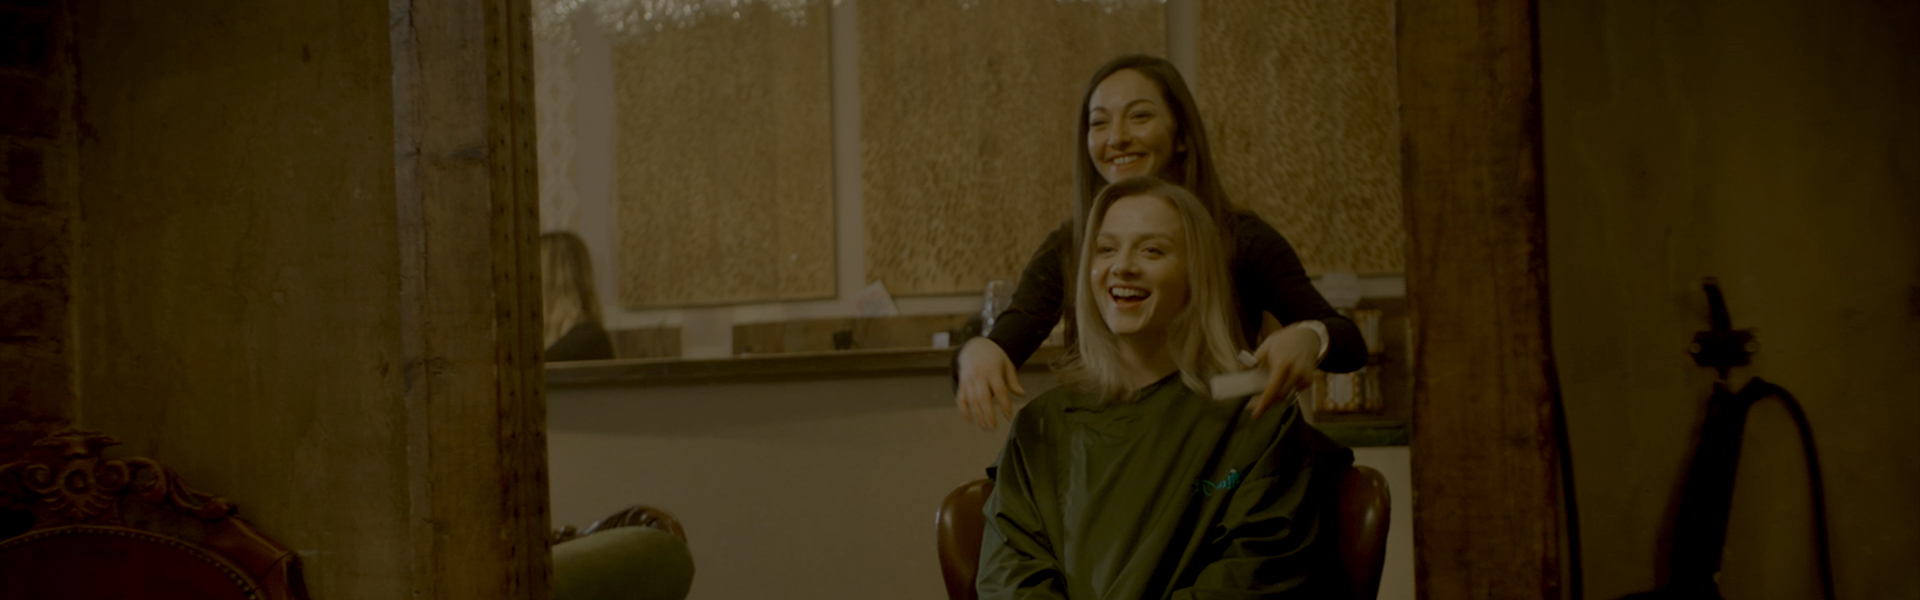 Дві жінки в перукарні